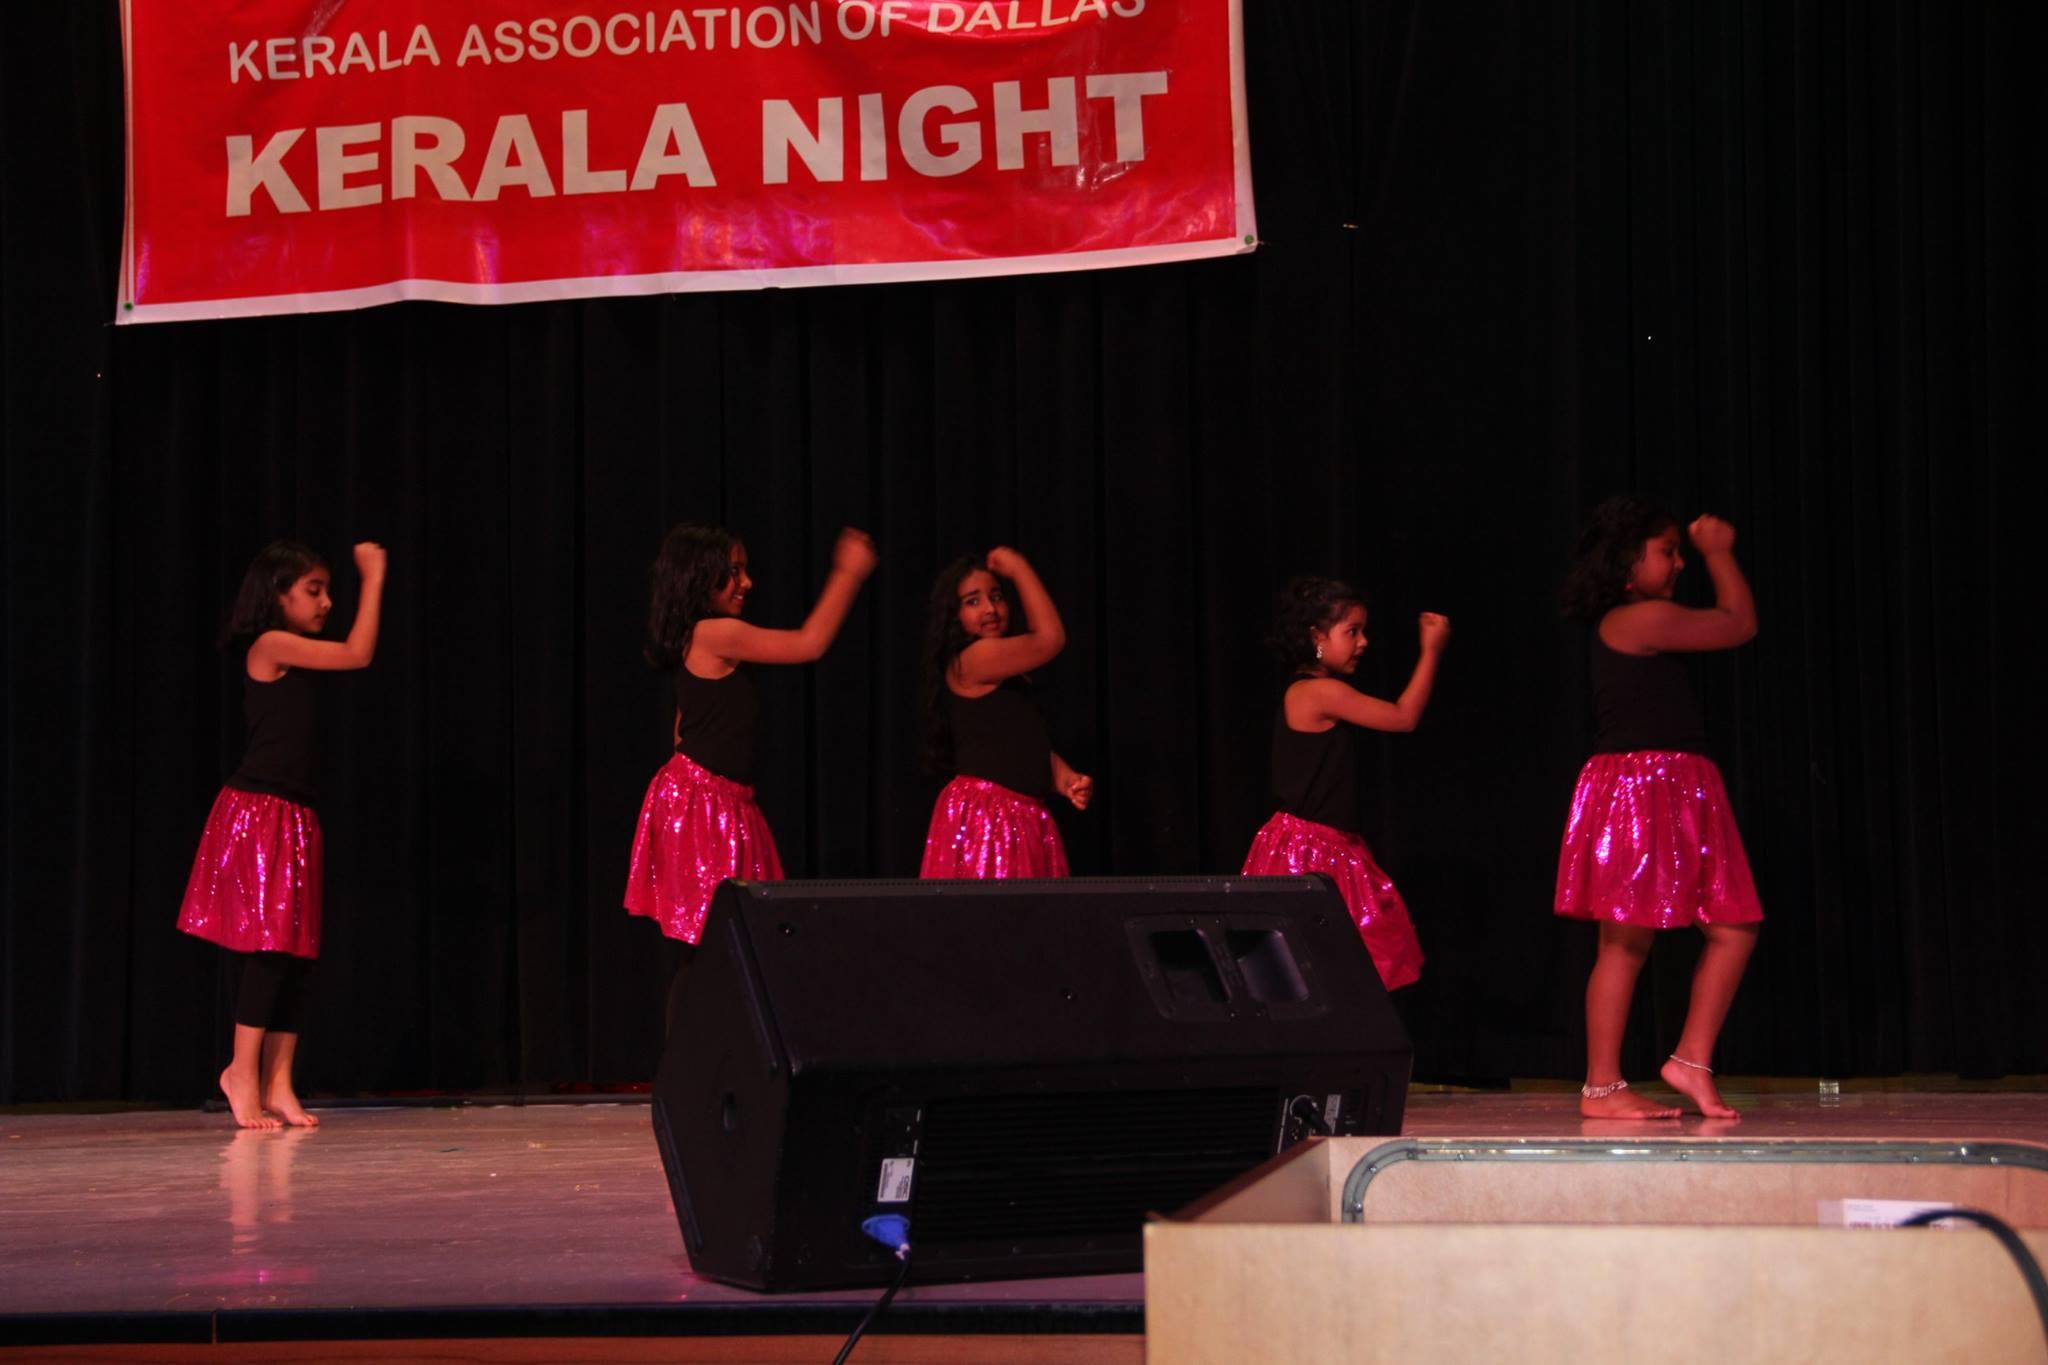 Kerala Night 2016